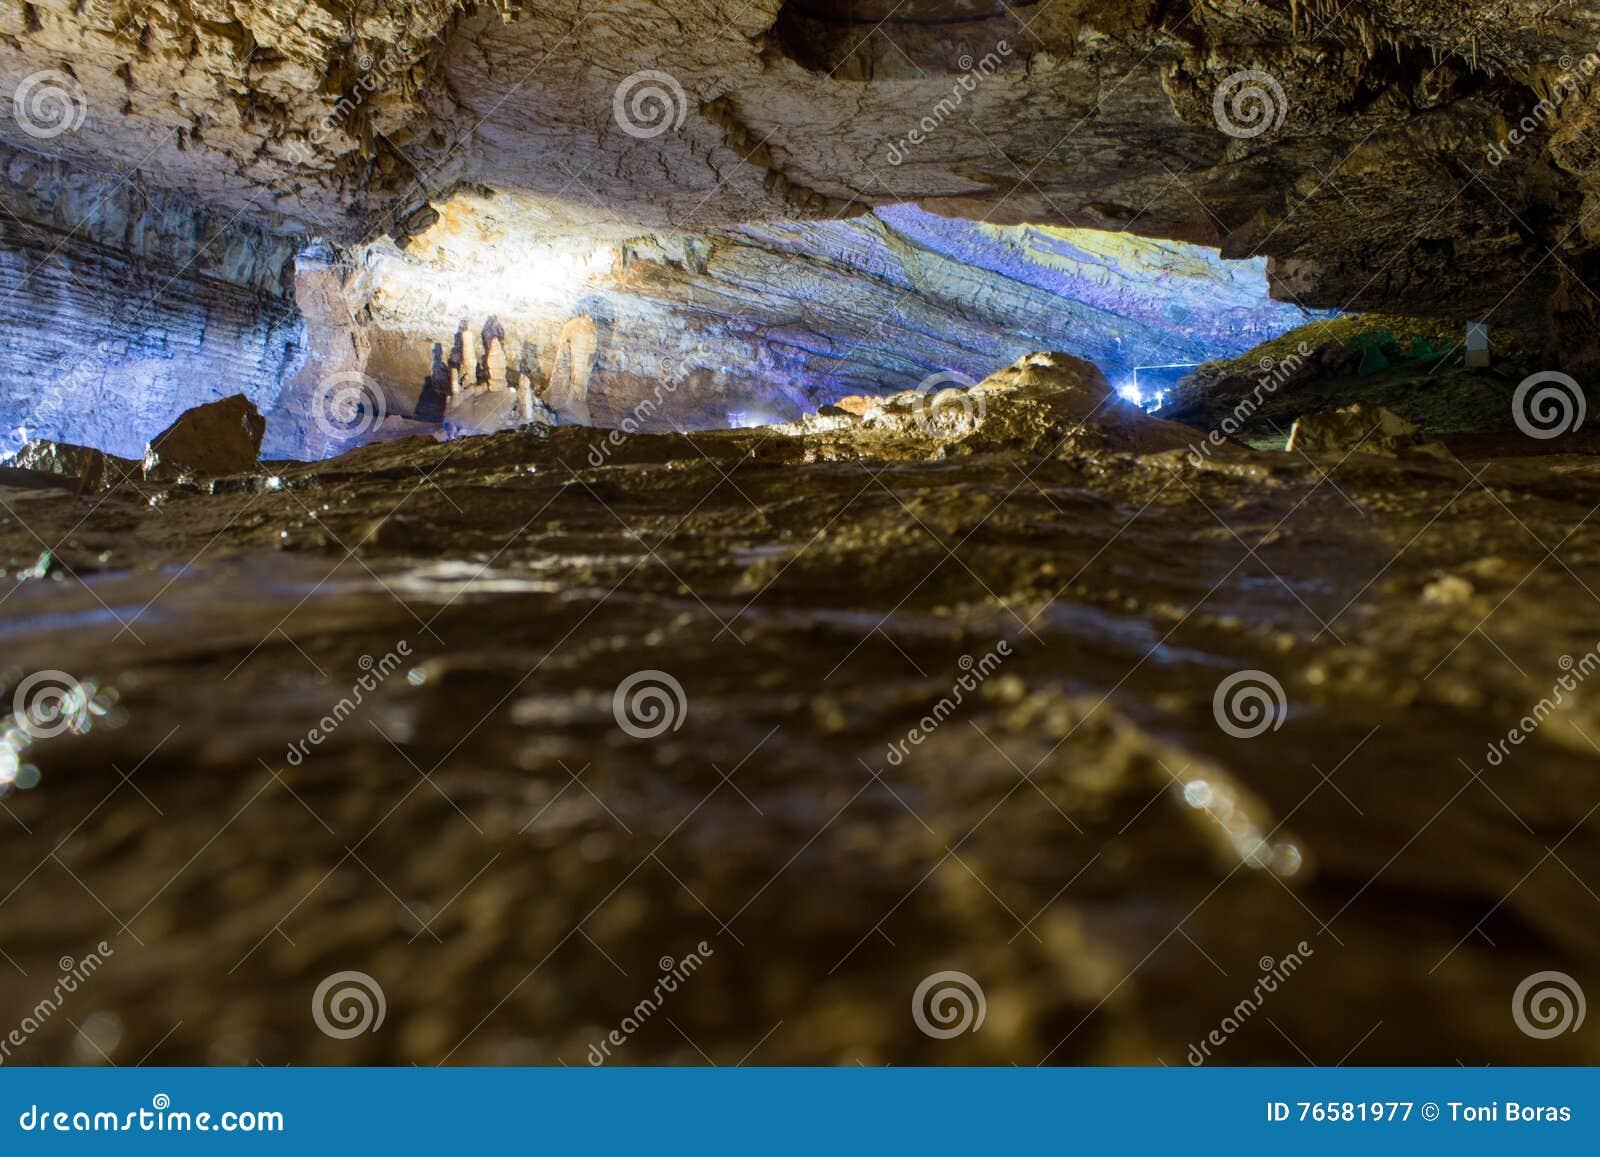 All interno della caverna